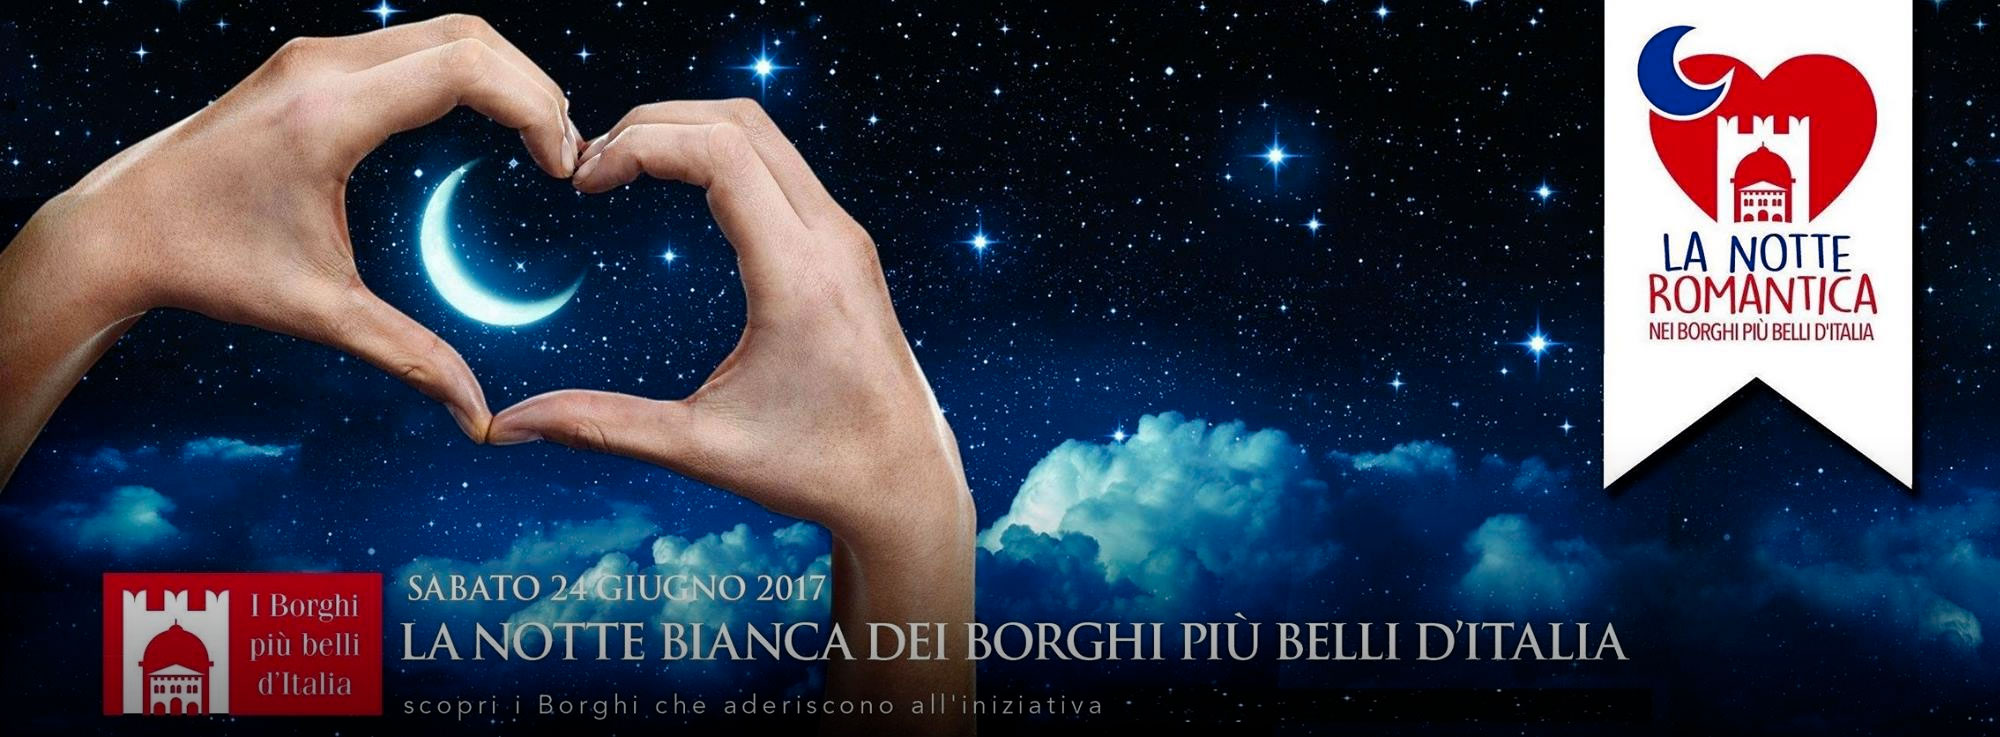 Cisternino: La Notte Romantica